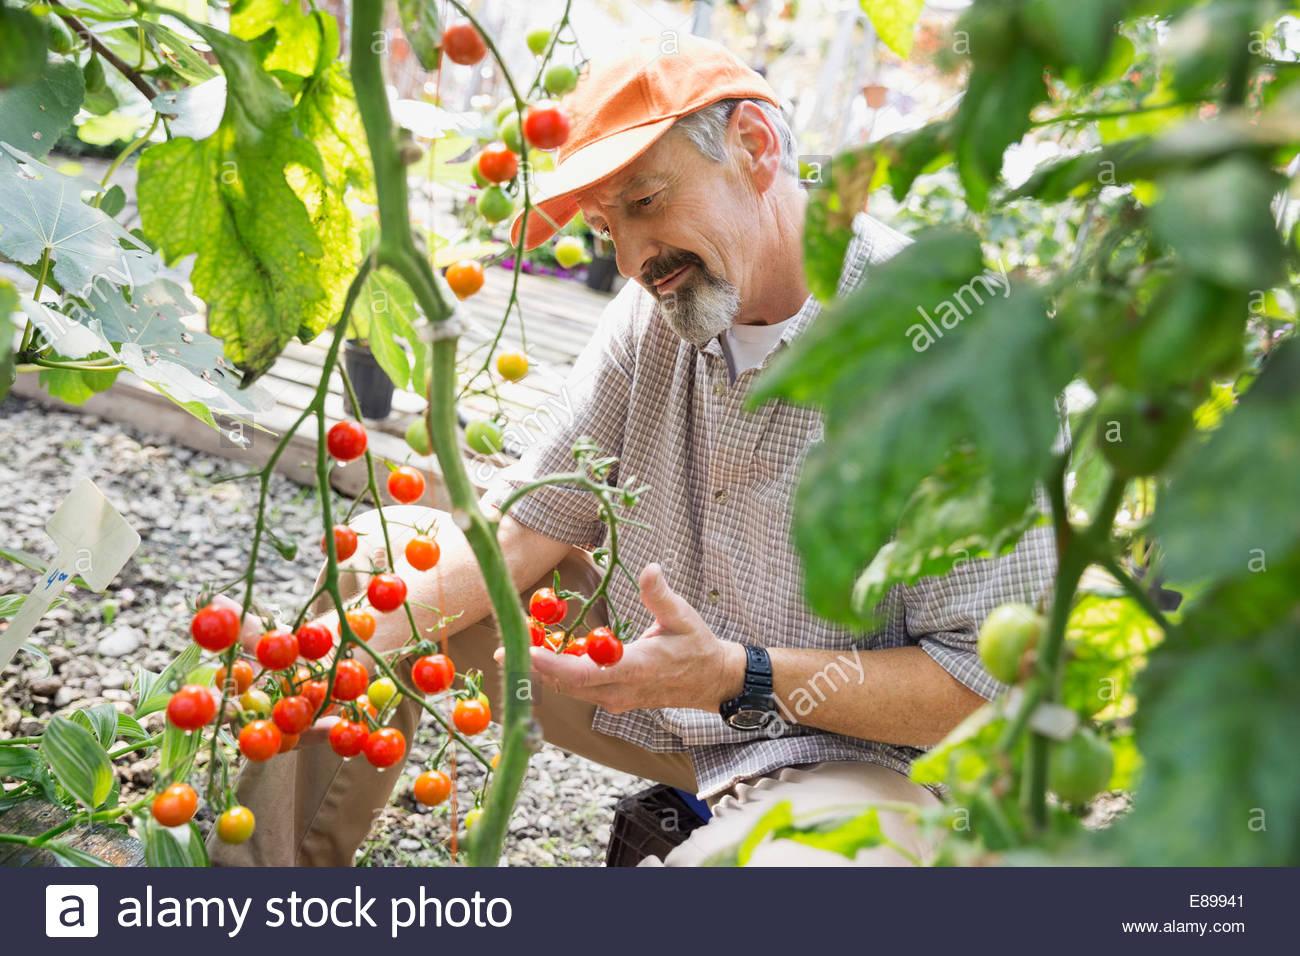 Trabajador examinando los tomates en el vivero de plantas Imagen De Stock